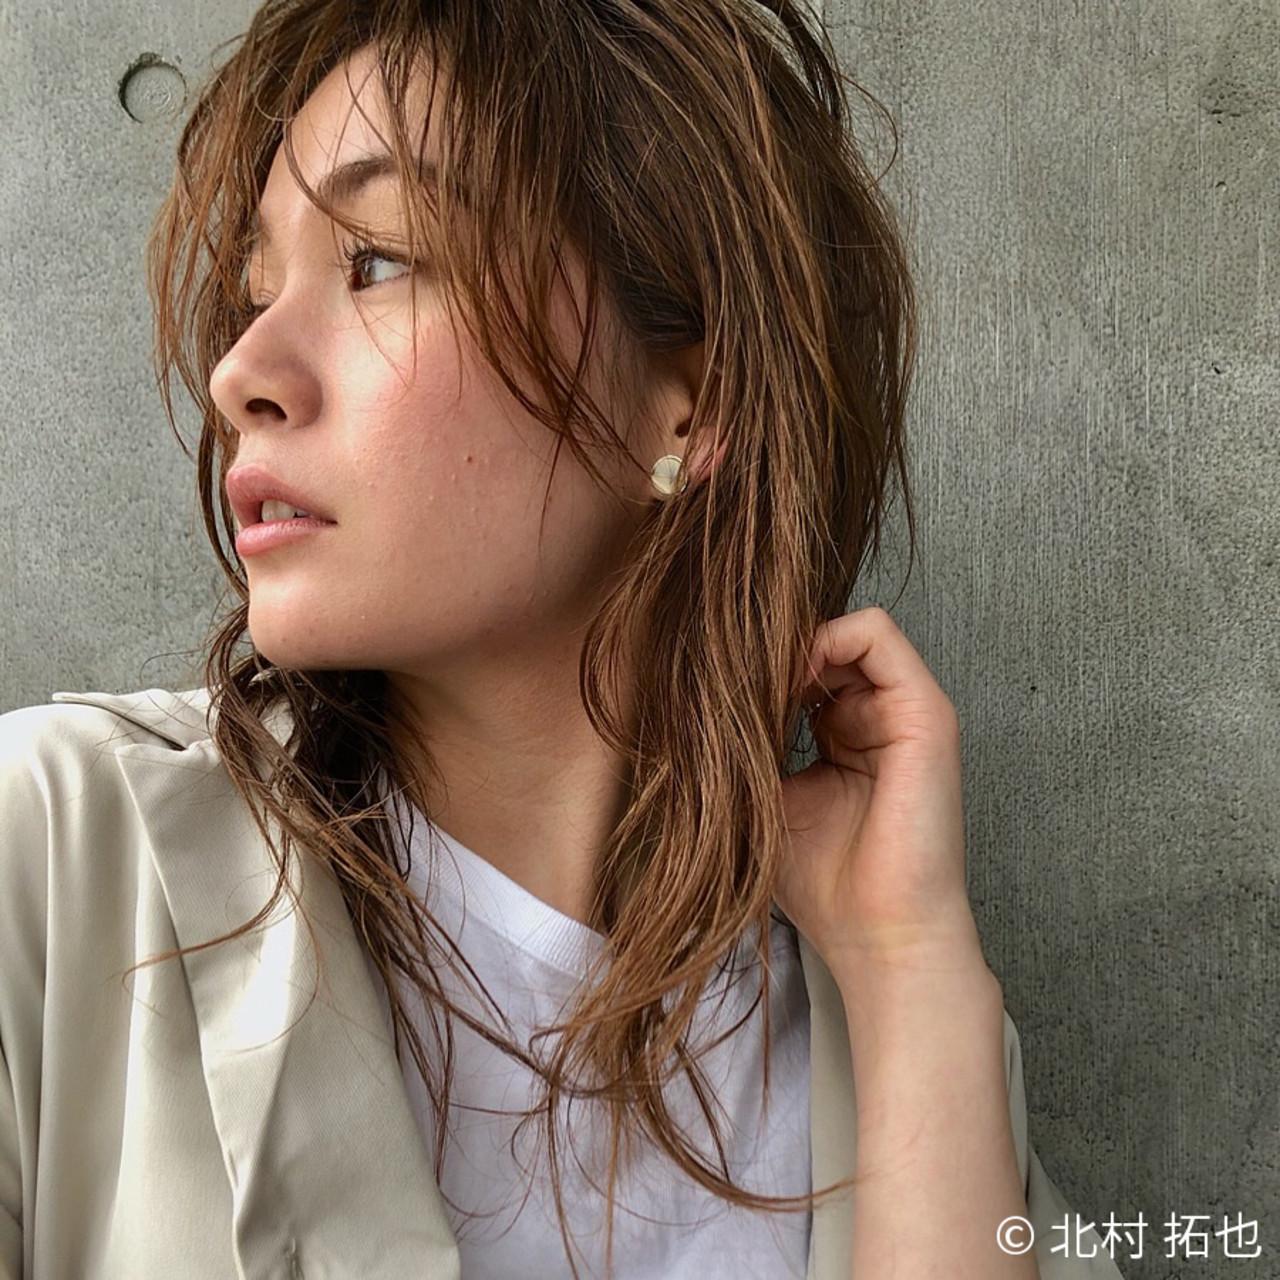 シアーベージュ レイヤーロングヘア 極細ハイライト ゆるウェーブ ヘアスタイルや髪型の写真・画像